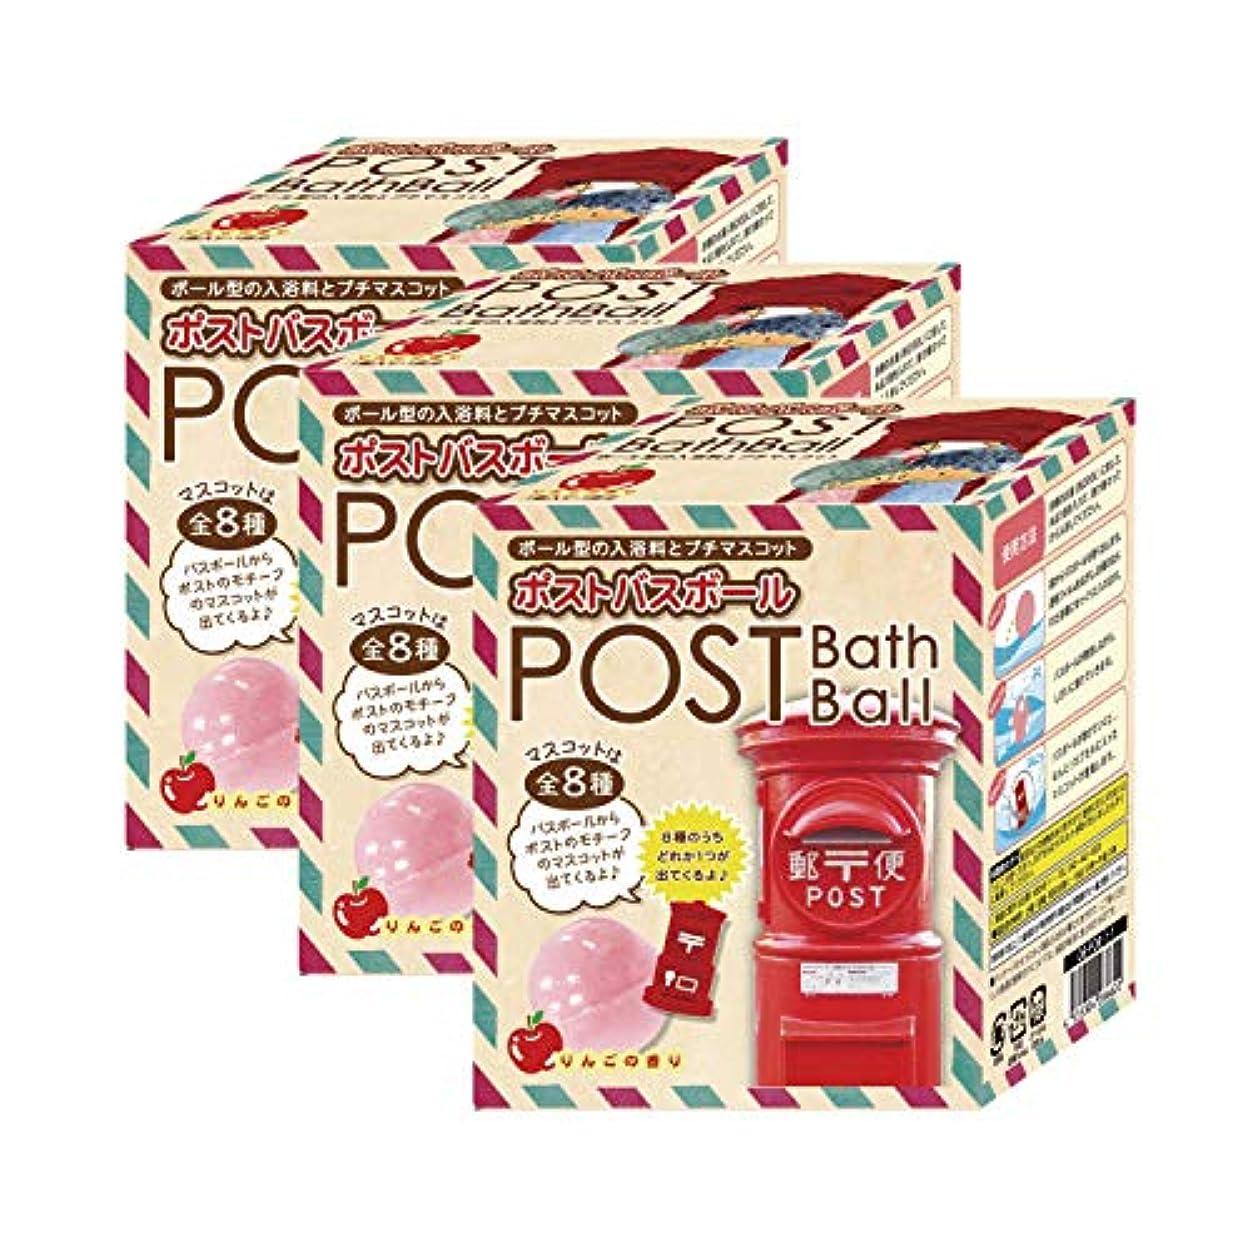 容器オーストラリアはねかける郵便ポスト 入浴剤 バスボール おまけ付き りんごの香り 60g 3個セット